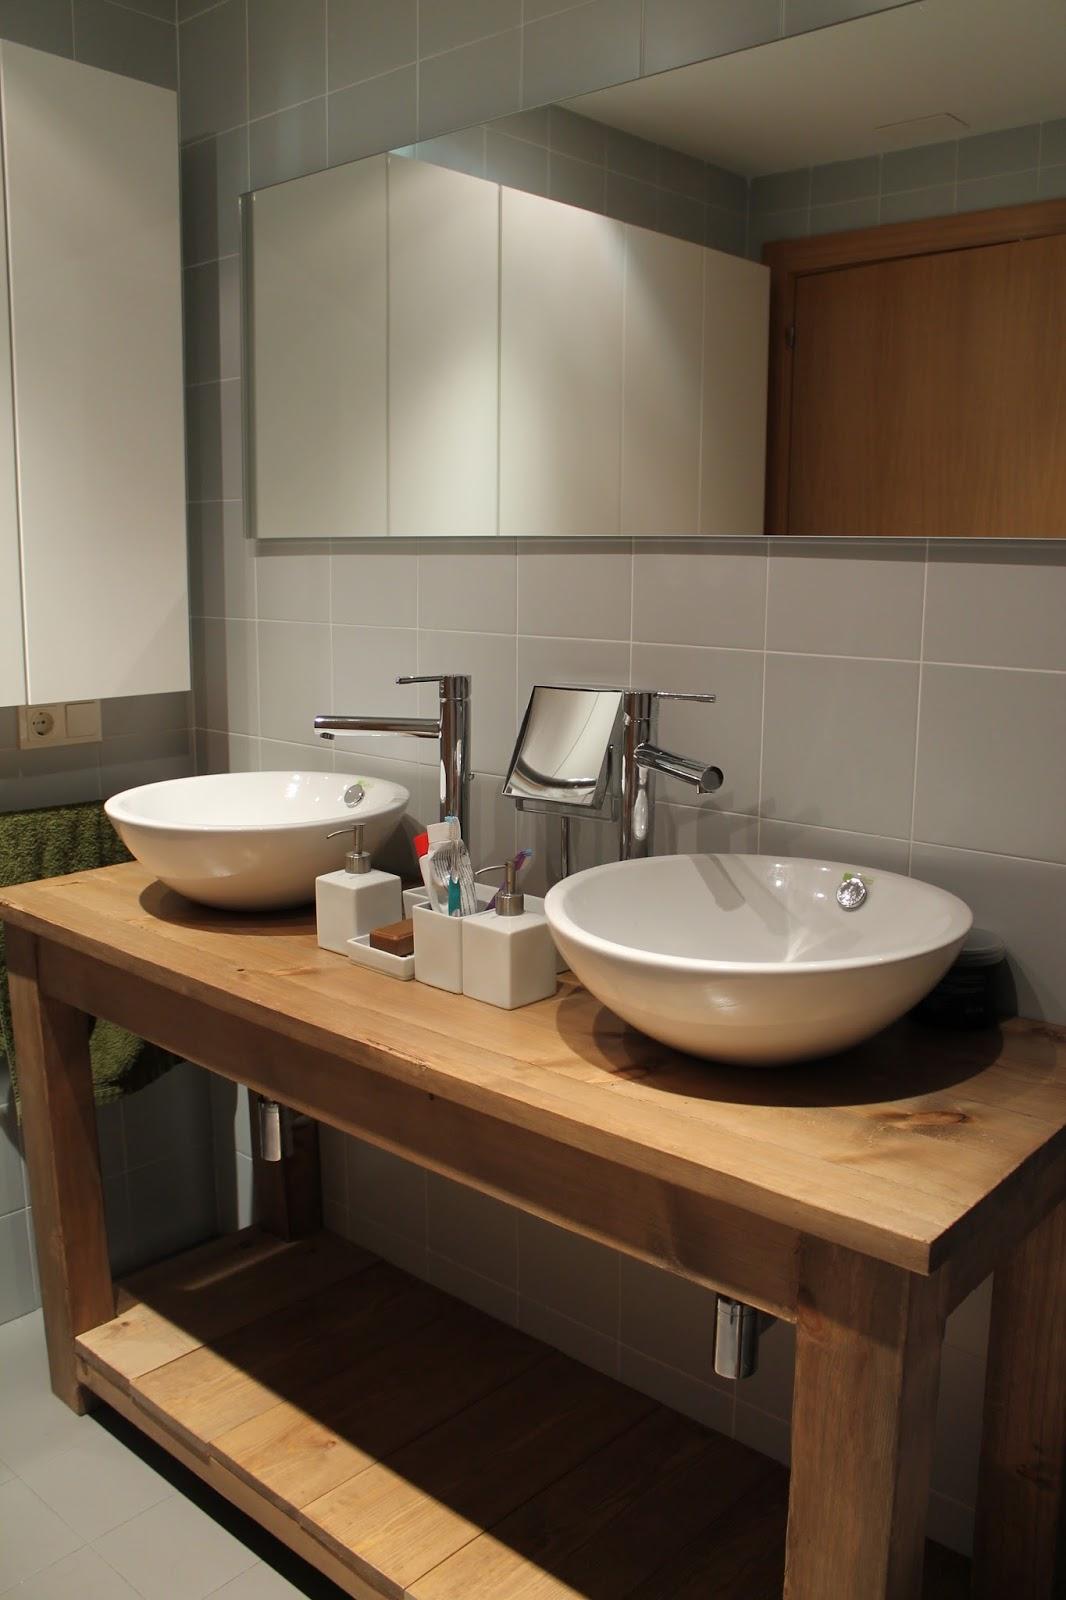 Mueble lavabo en madera dise o para que el agua fluya a for Diseno de muebles de madera